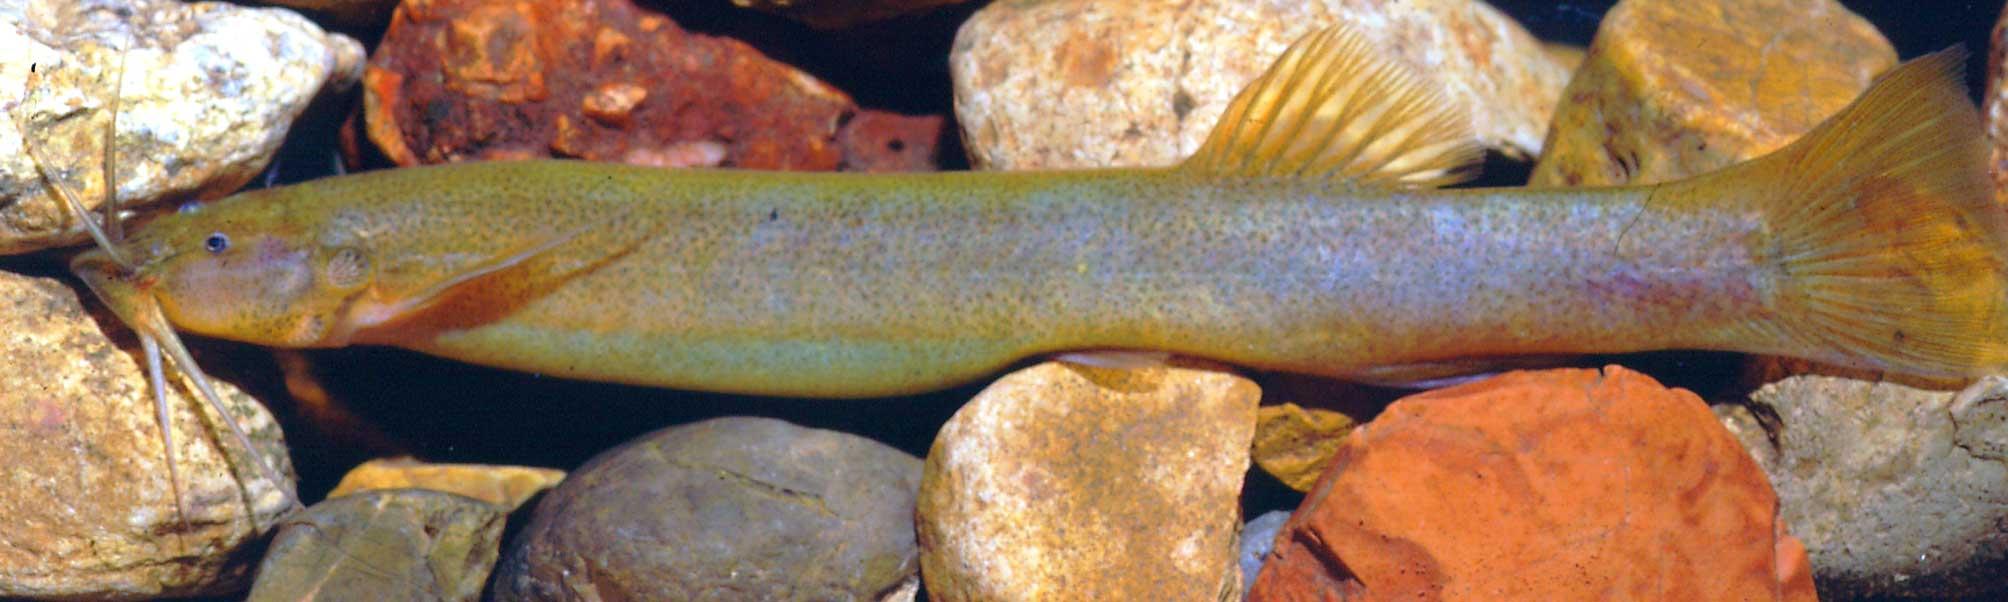 Nueva especie de pez gato en aguas del río Tetuán